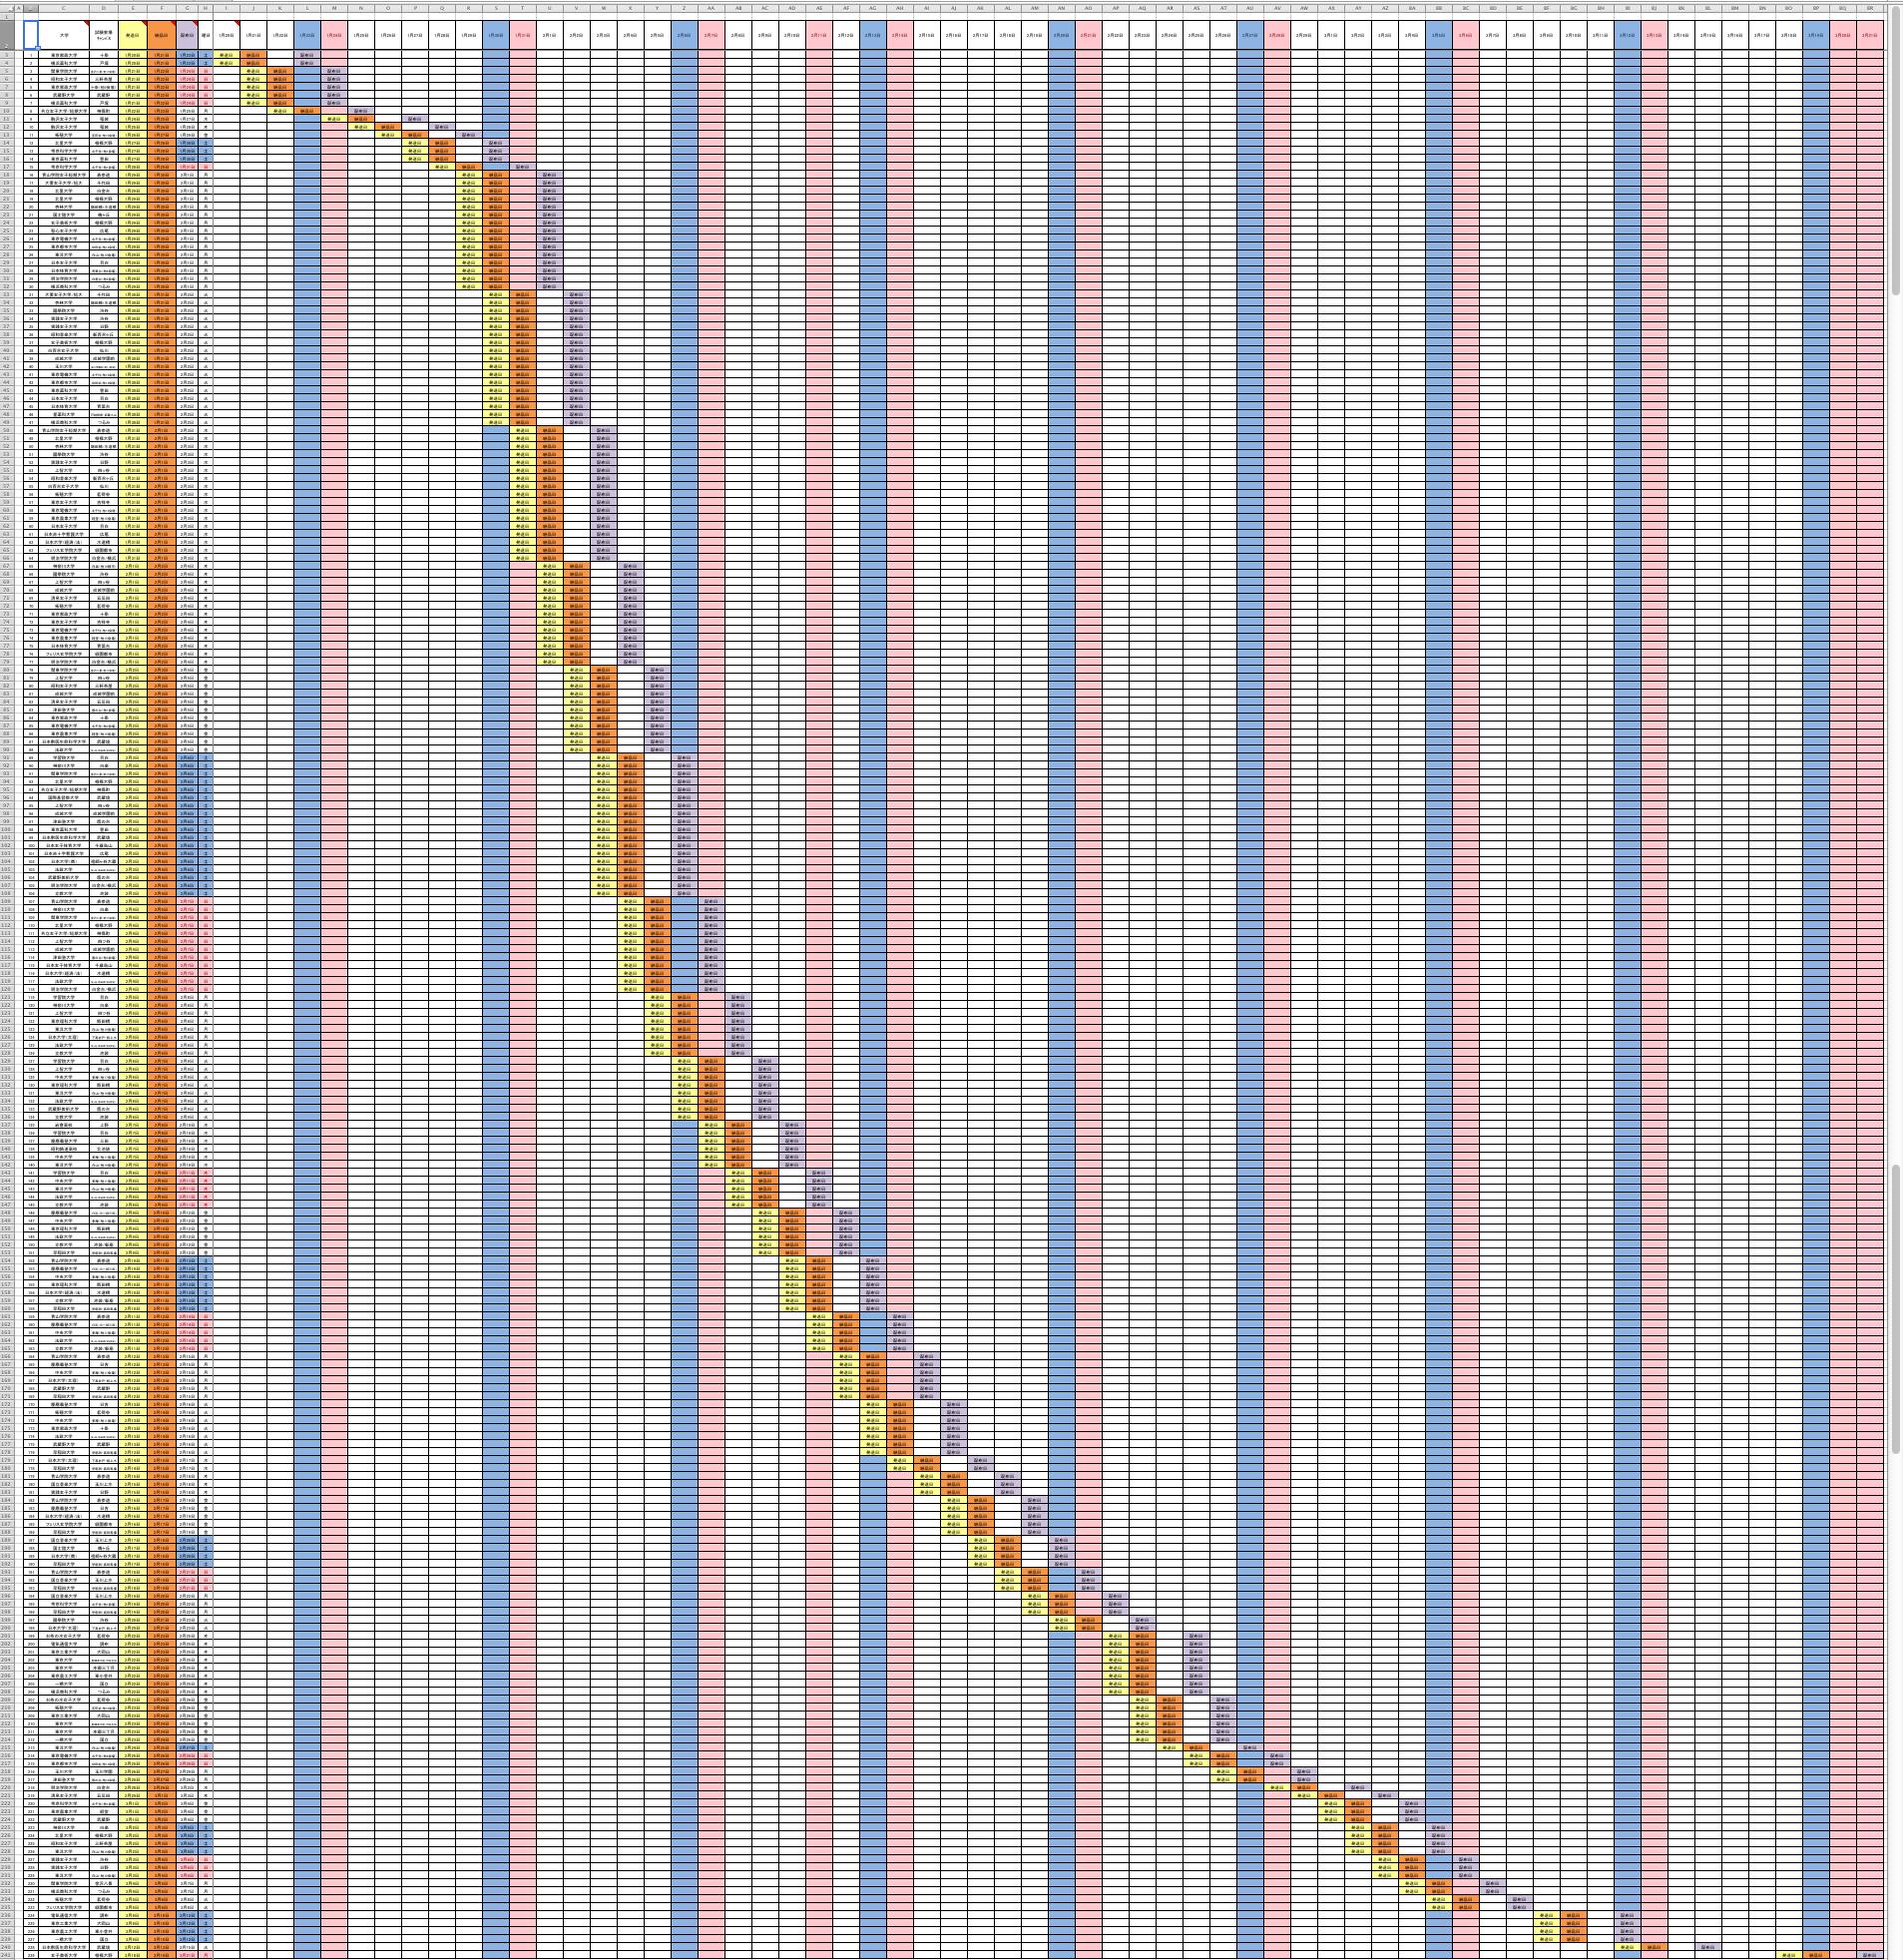 Excelでガントチャートを作成